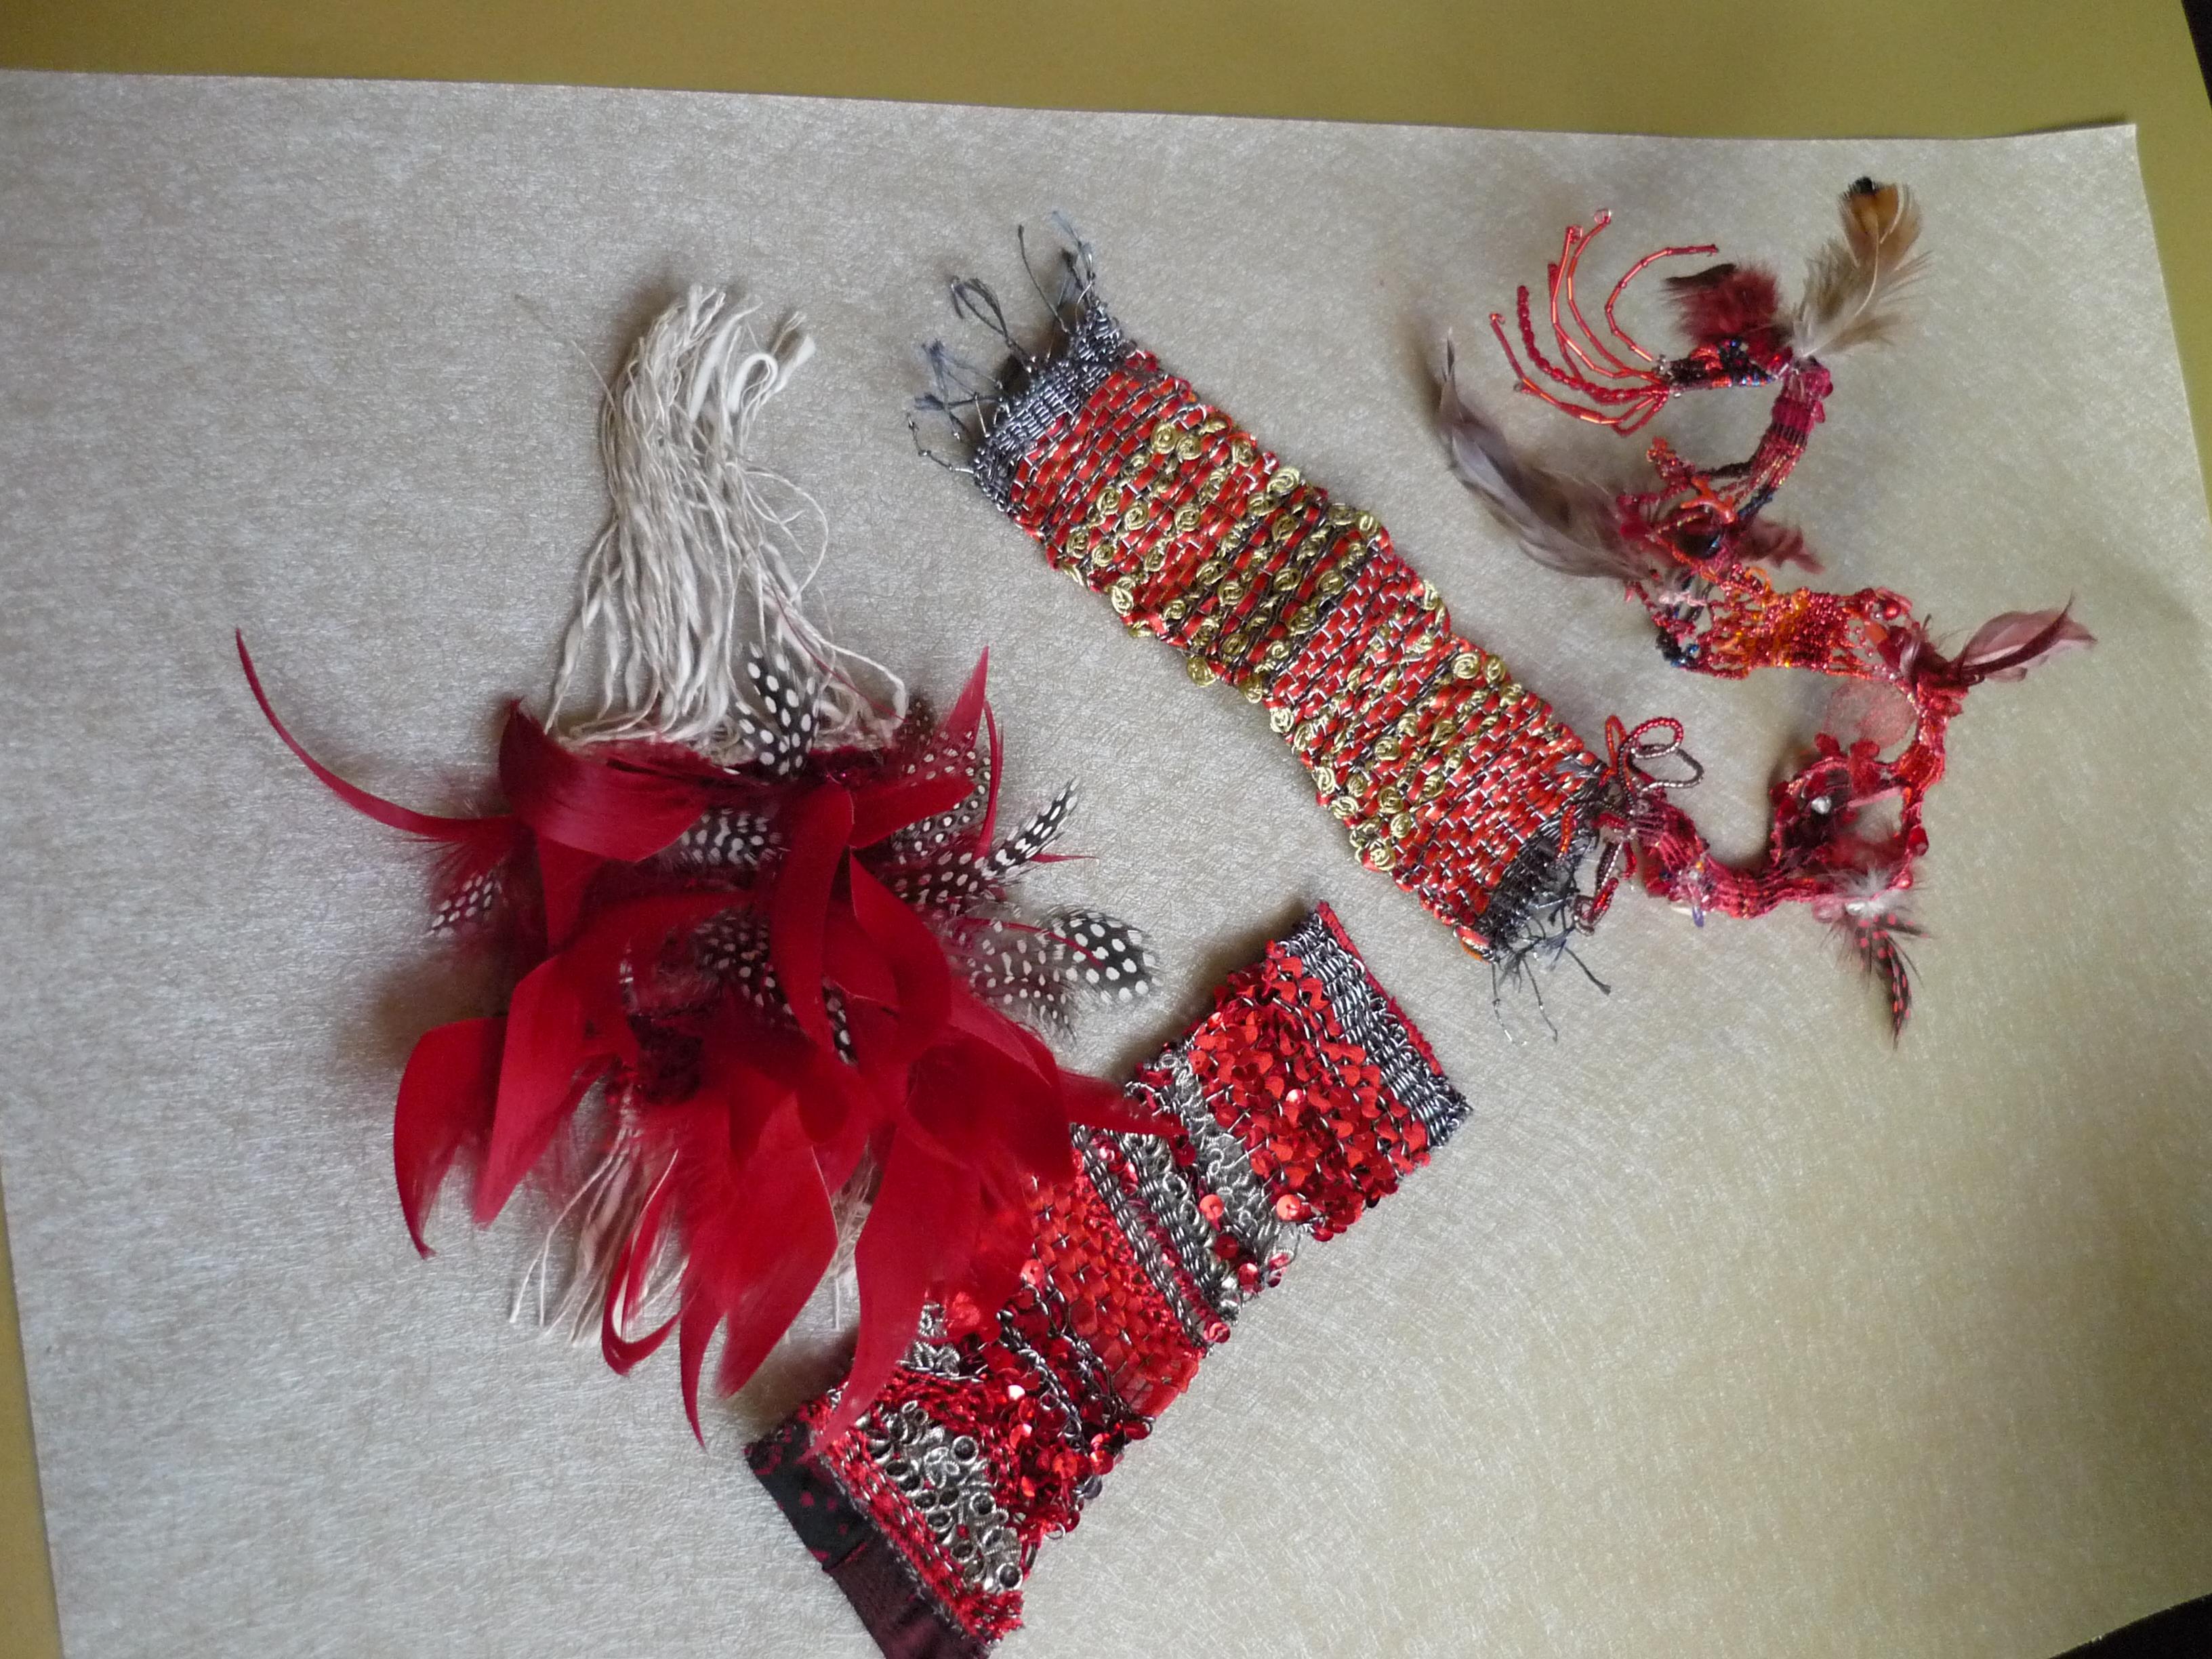 ensemble : Bracelet or, bracelet rouge-argent, broche, et accesoire bracelet-collier qui peut être une sculpture, un objet de décoration